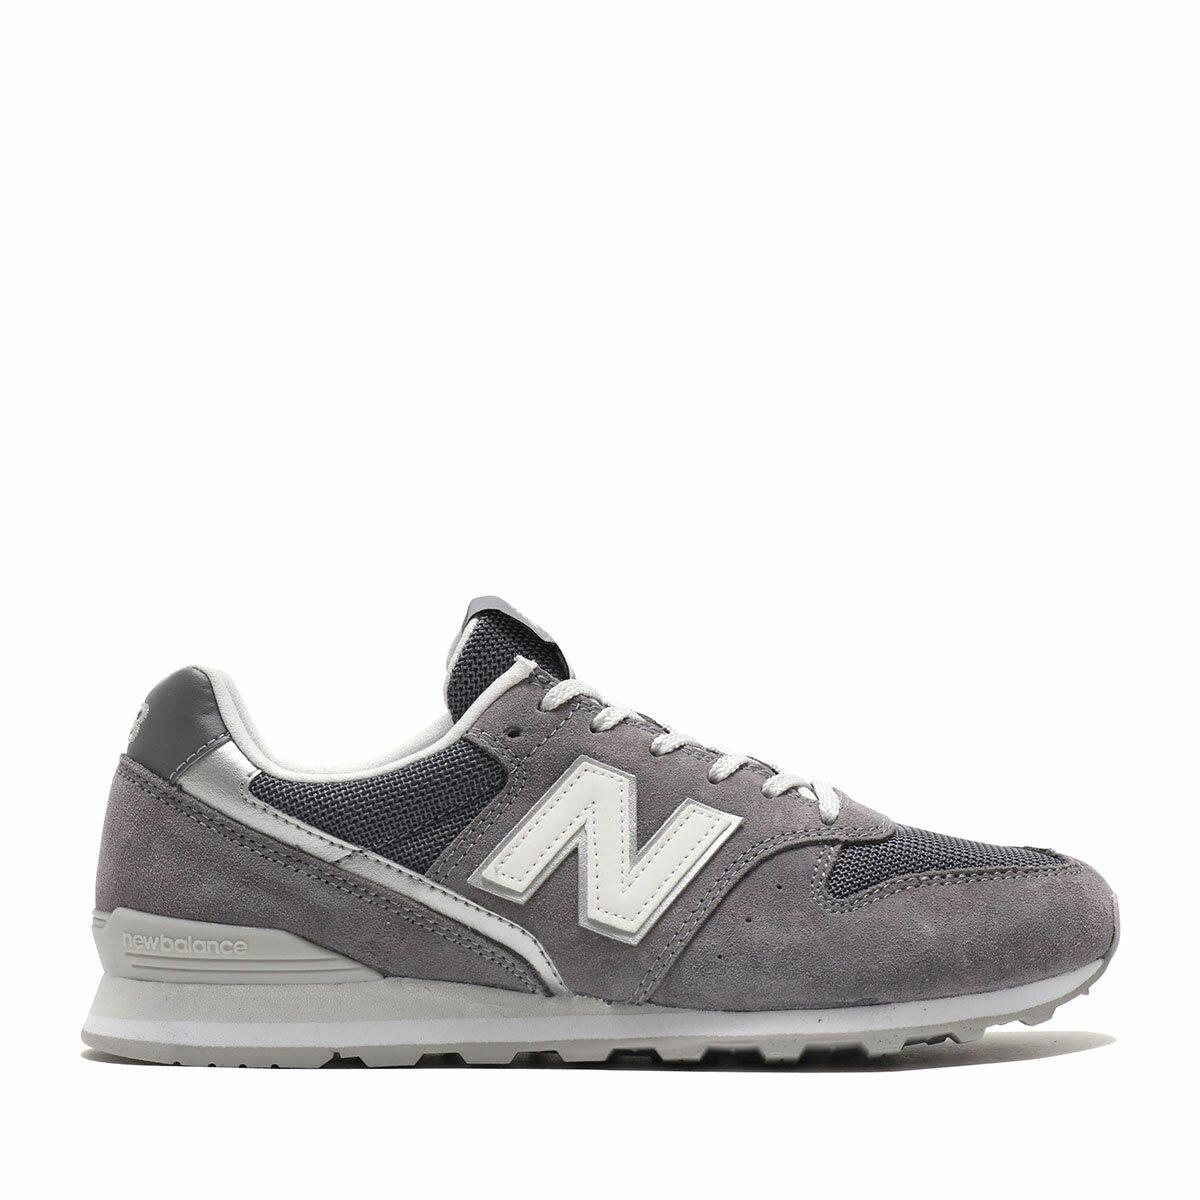 レディース靴, スニーカー New Balance WL996CLC(GRAY)( WL996CLC)19FW-I